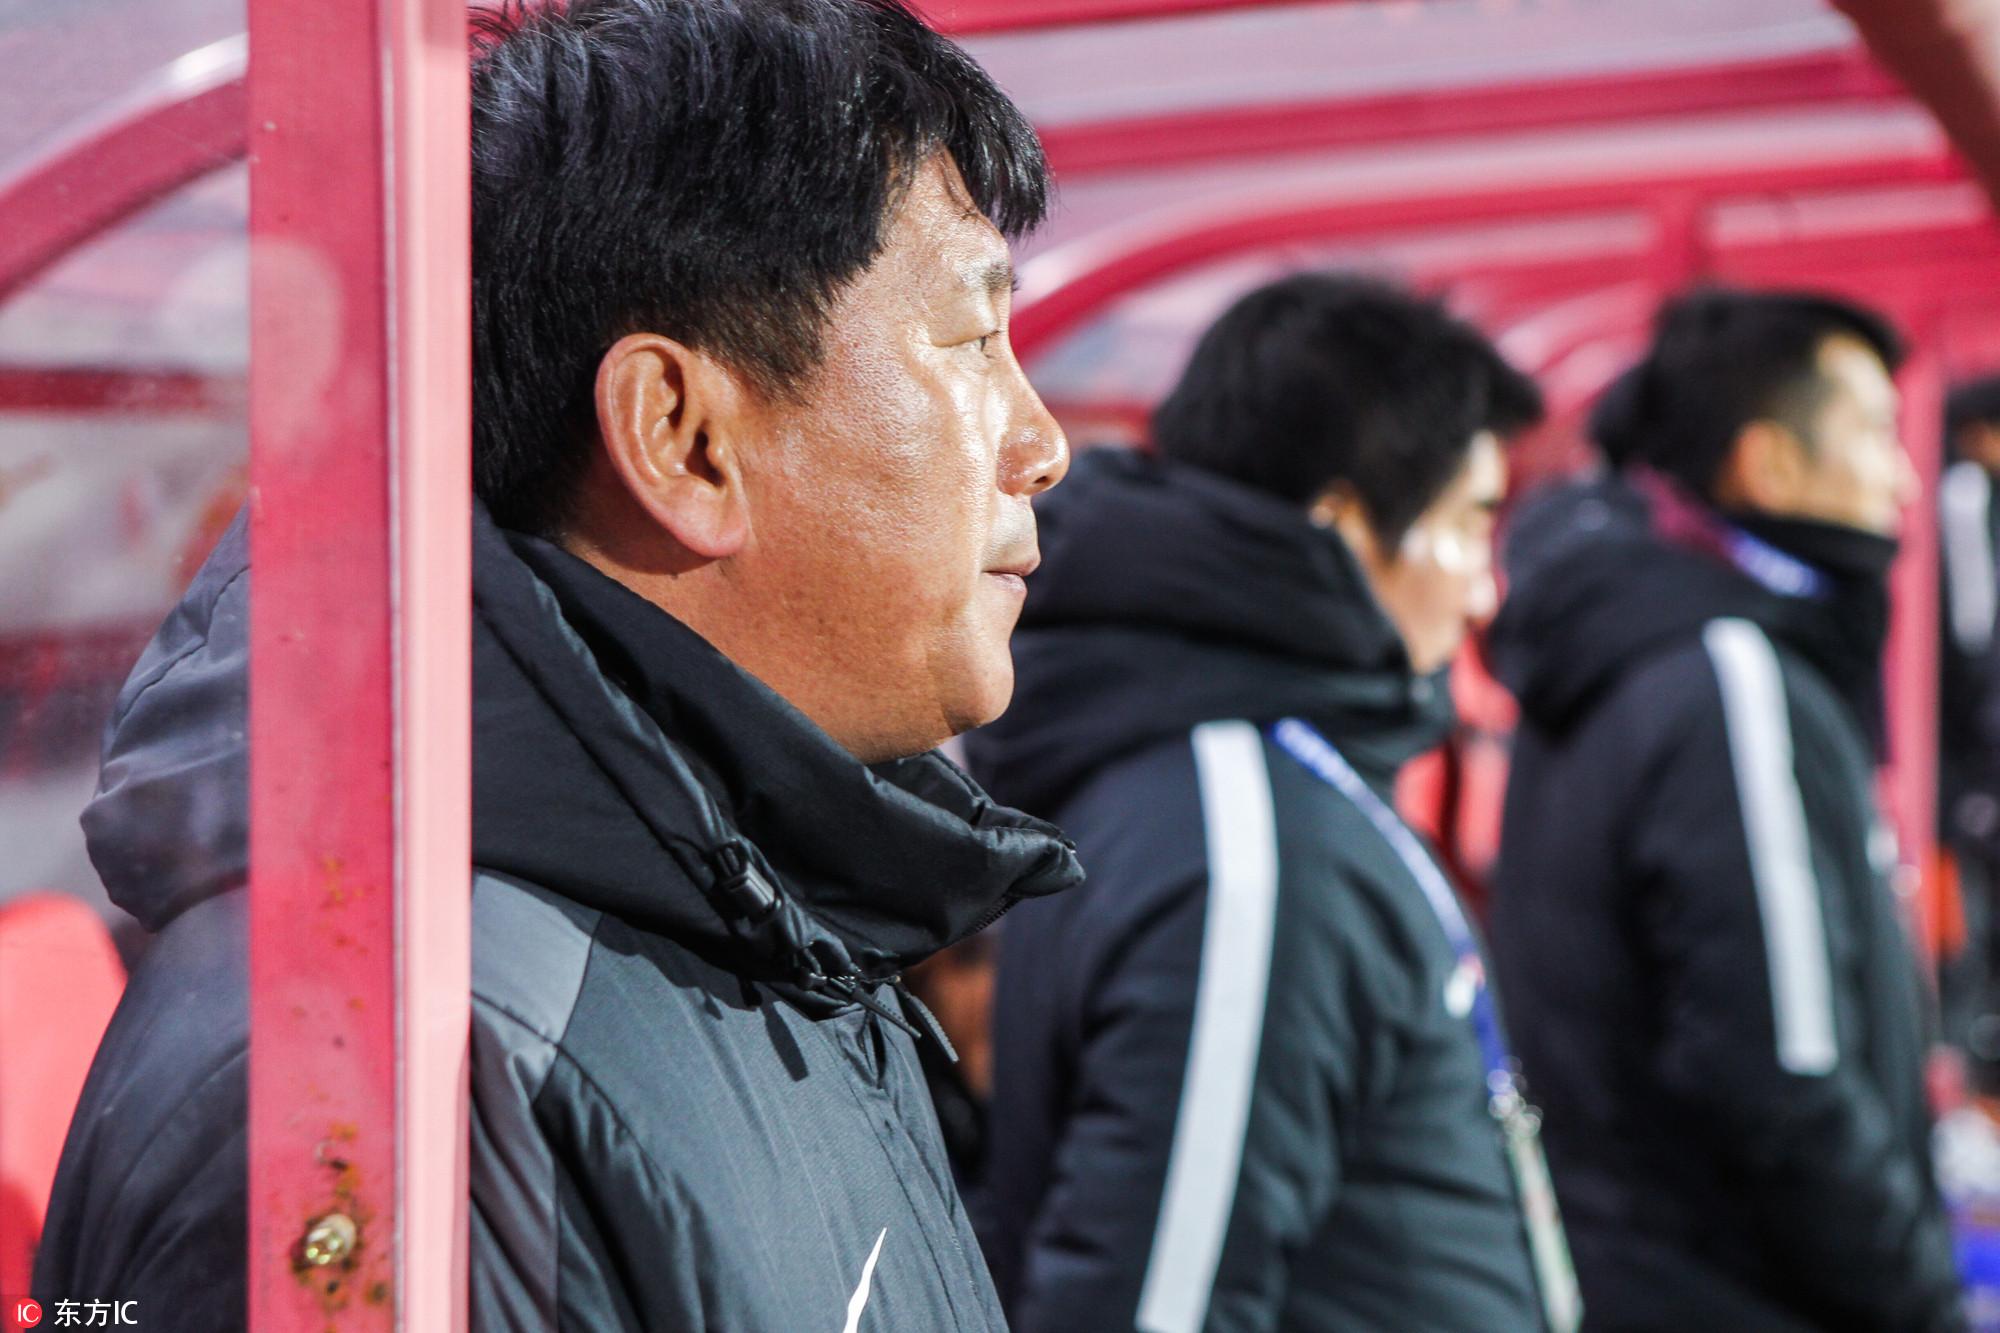 延边官方:朴泰夏昨夜突感身体不适,卸任仪式临时取消